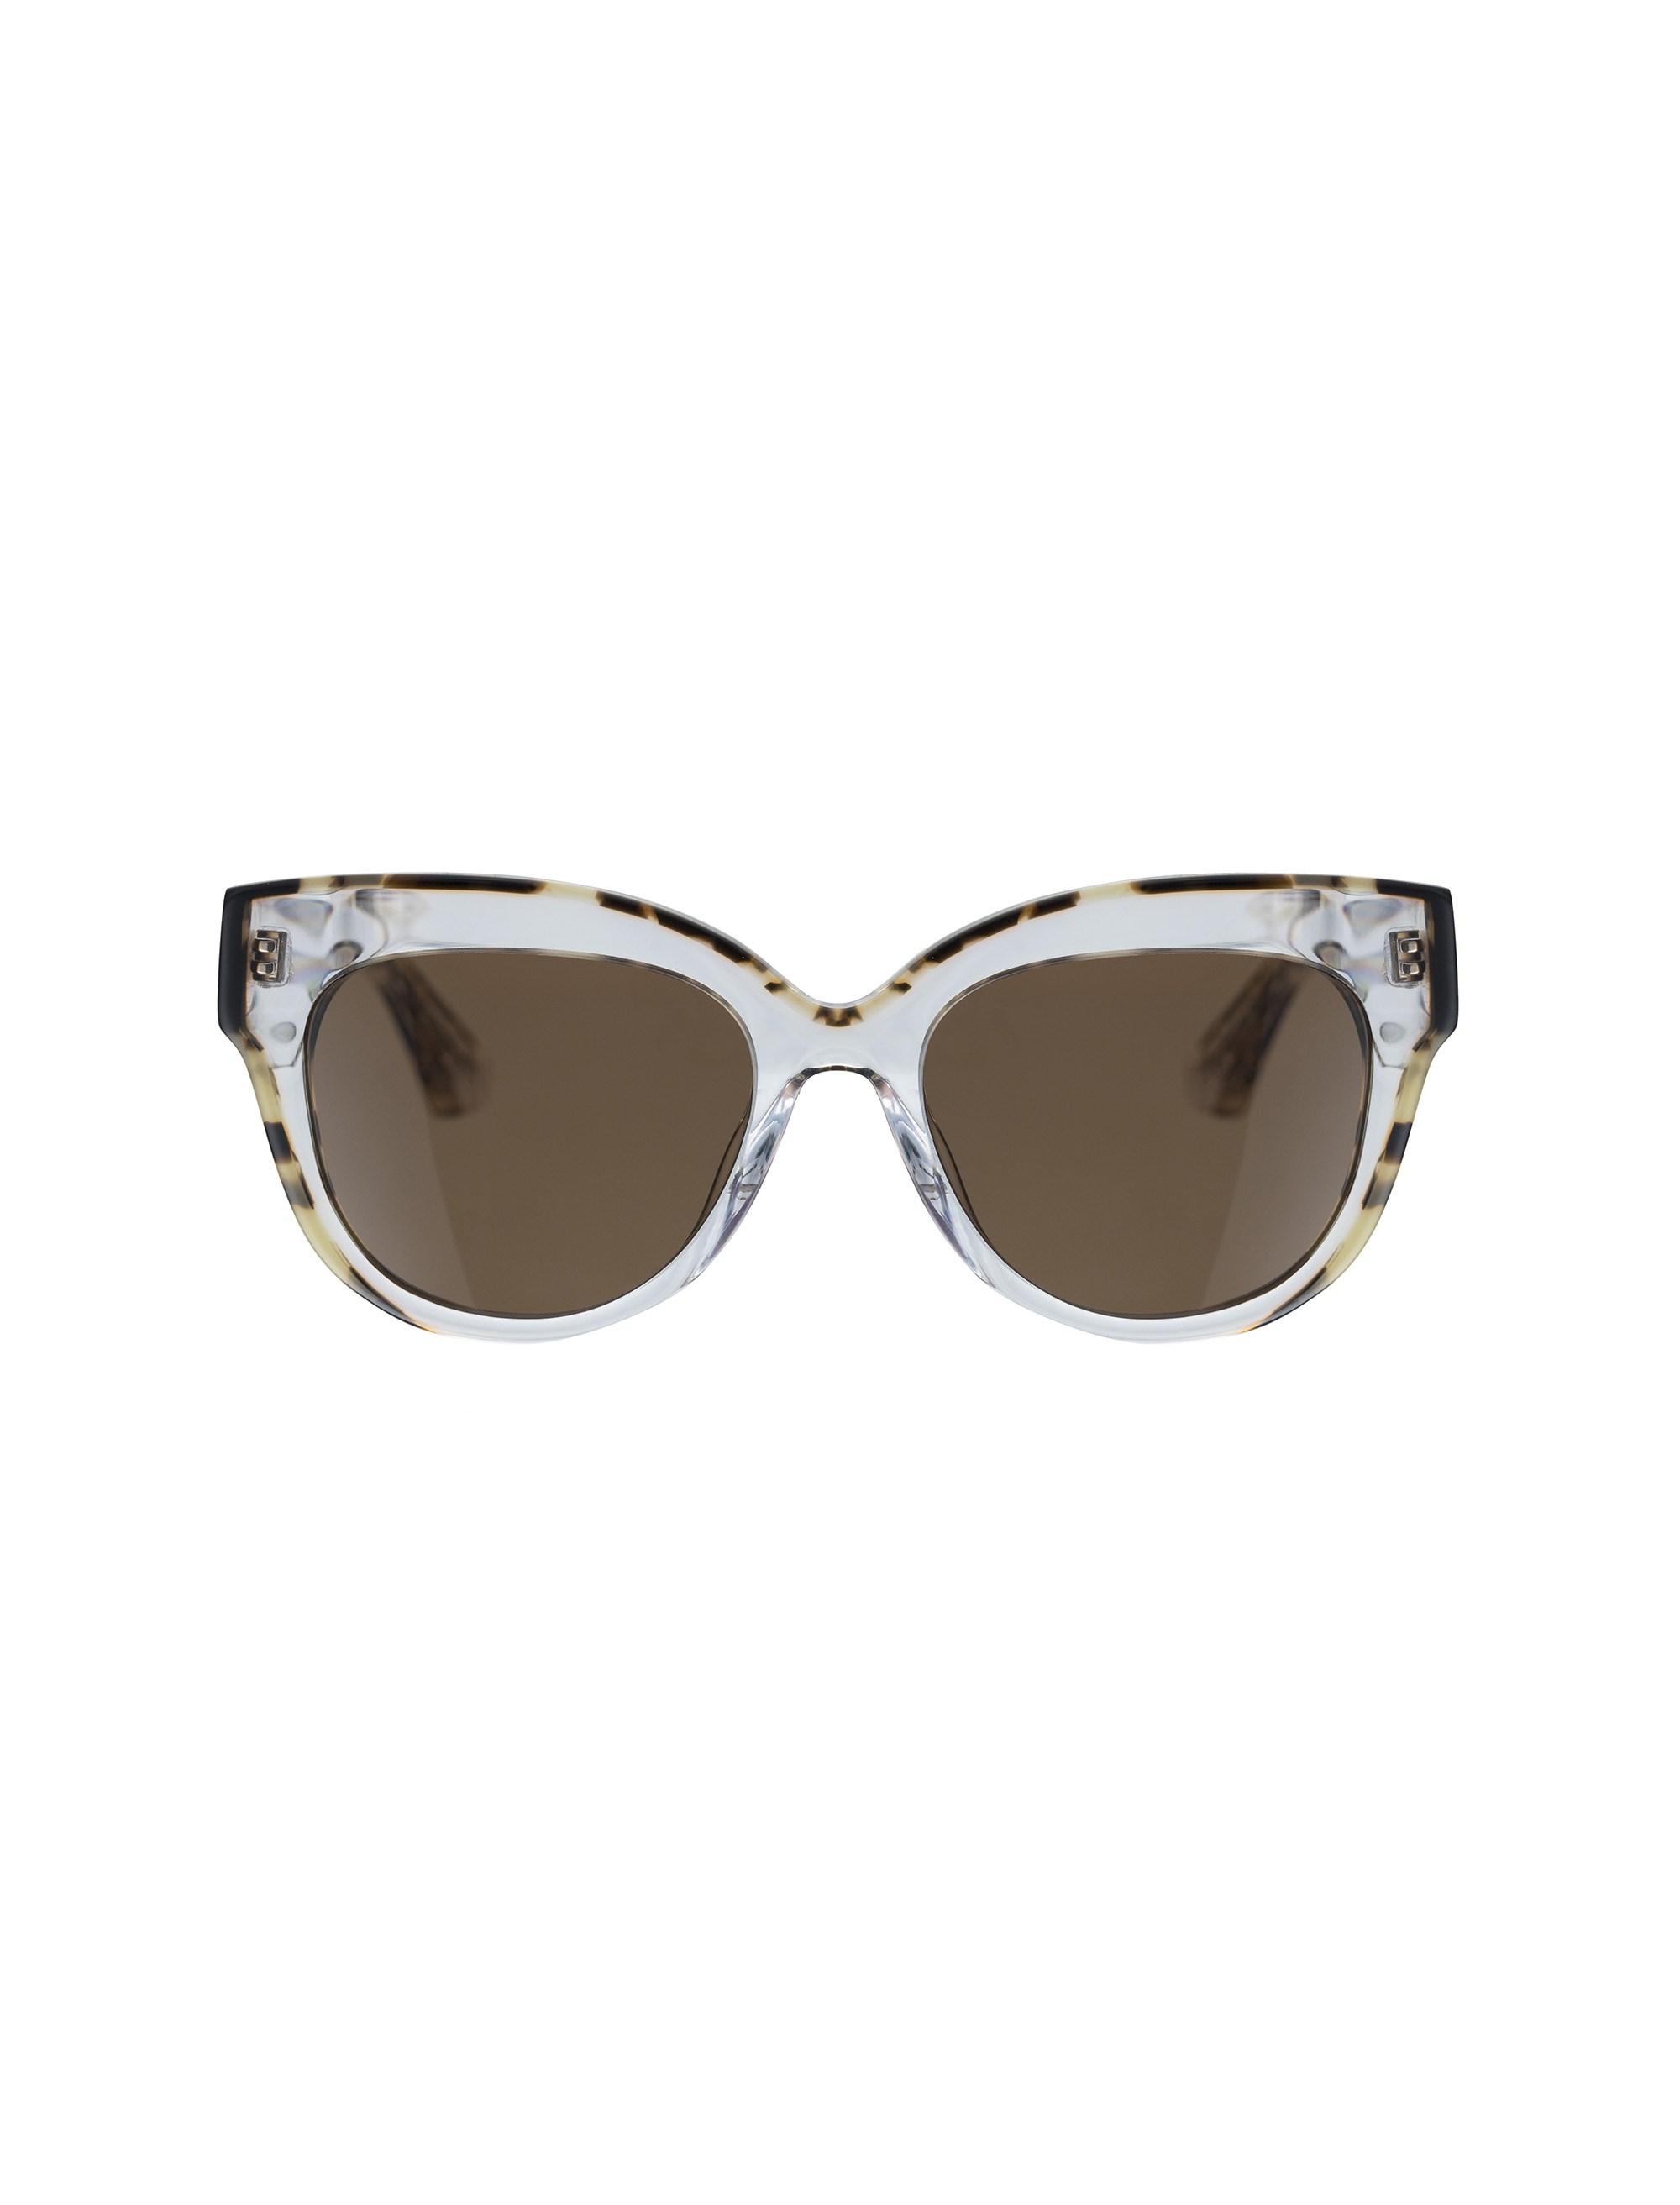 قیمت عینک آفتابی گربه ای زنانه - ساندرو